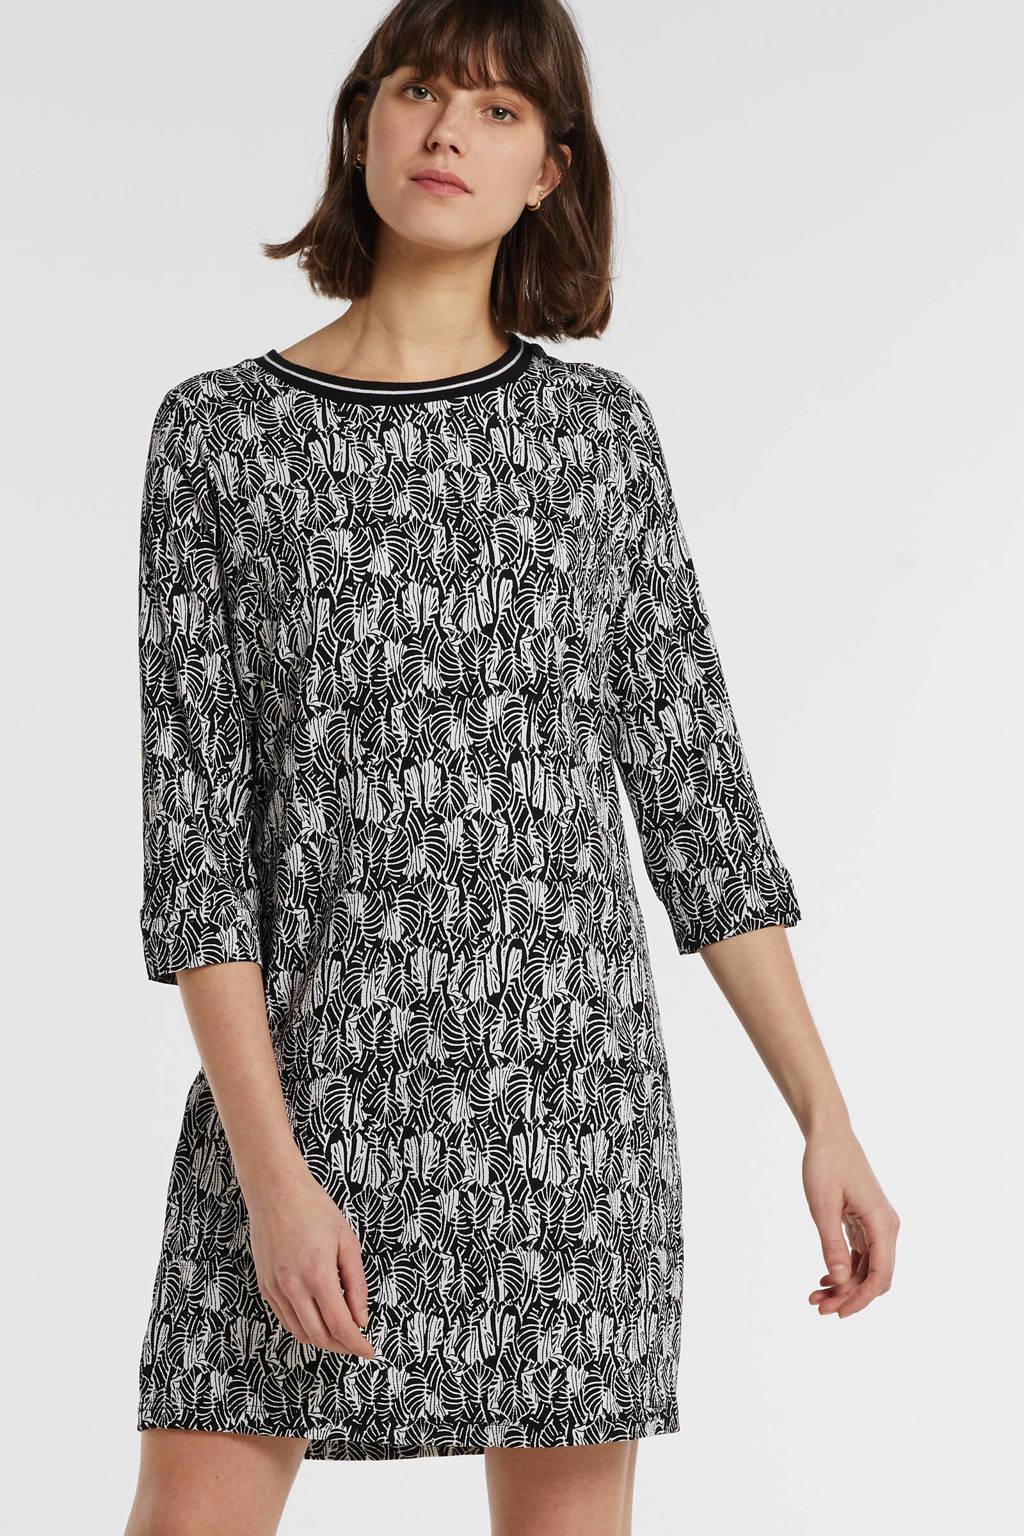 anytime jurk met bladprint zwart/ecru, Zwart/ecru